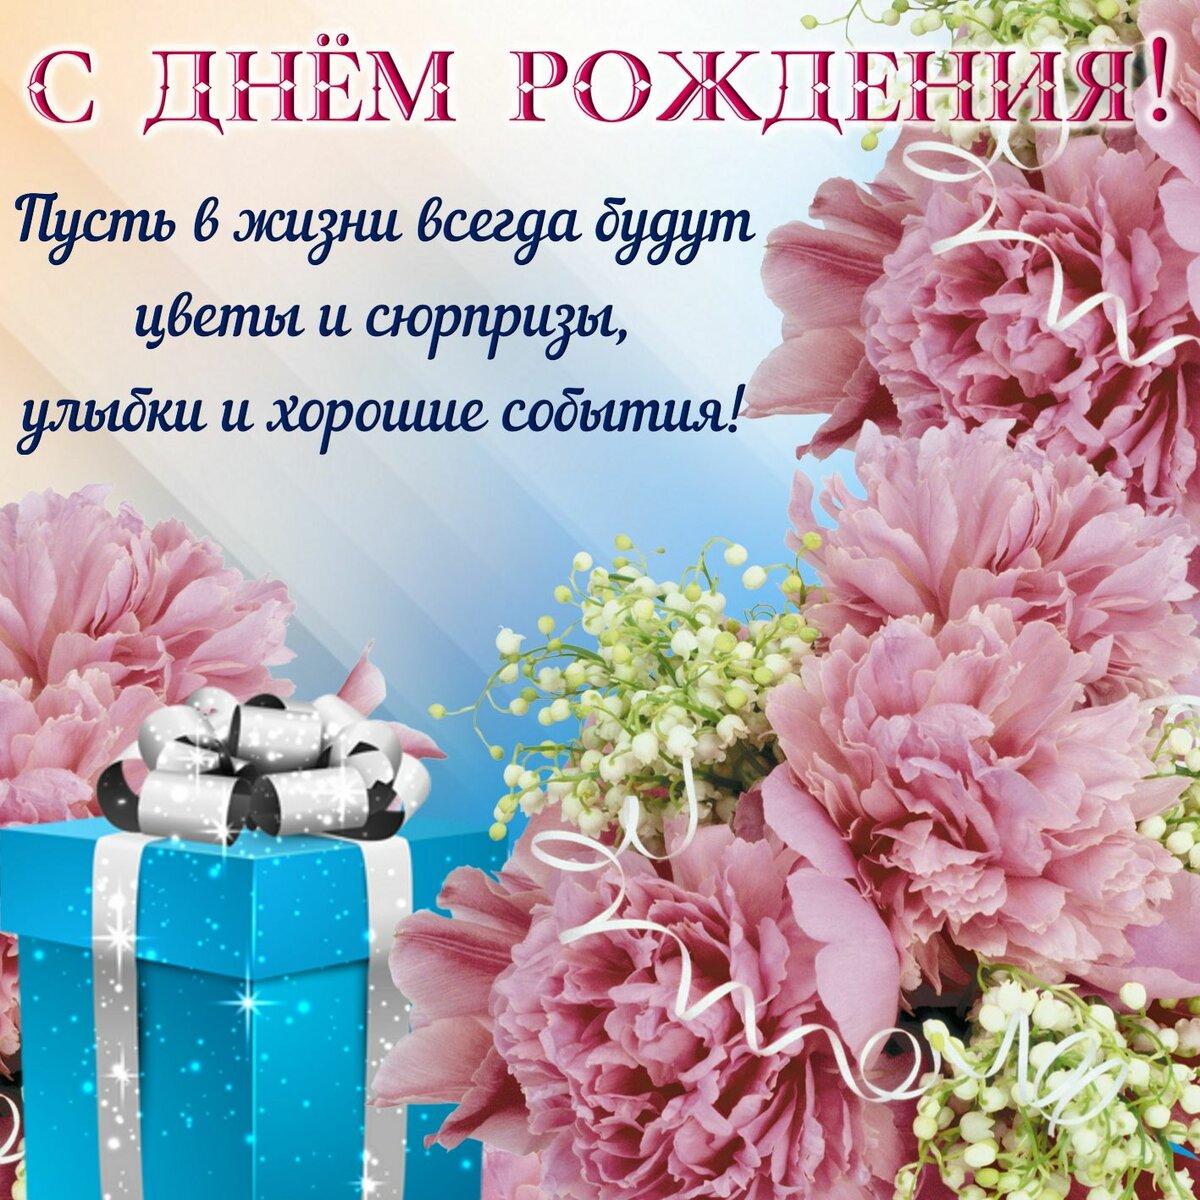 Поздравляем с днем рождения картинки красивые, благовещением фото